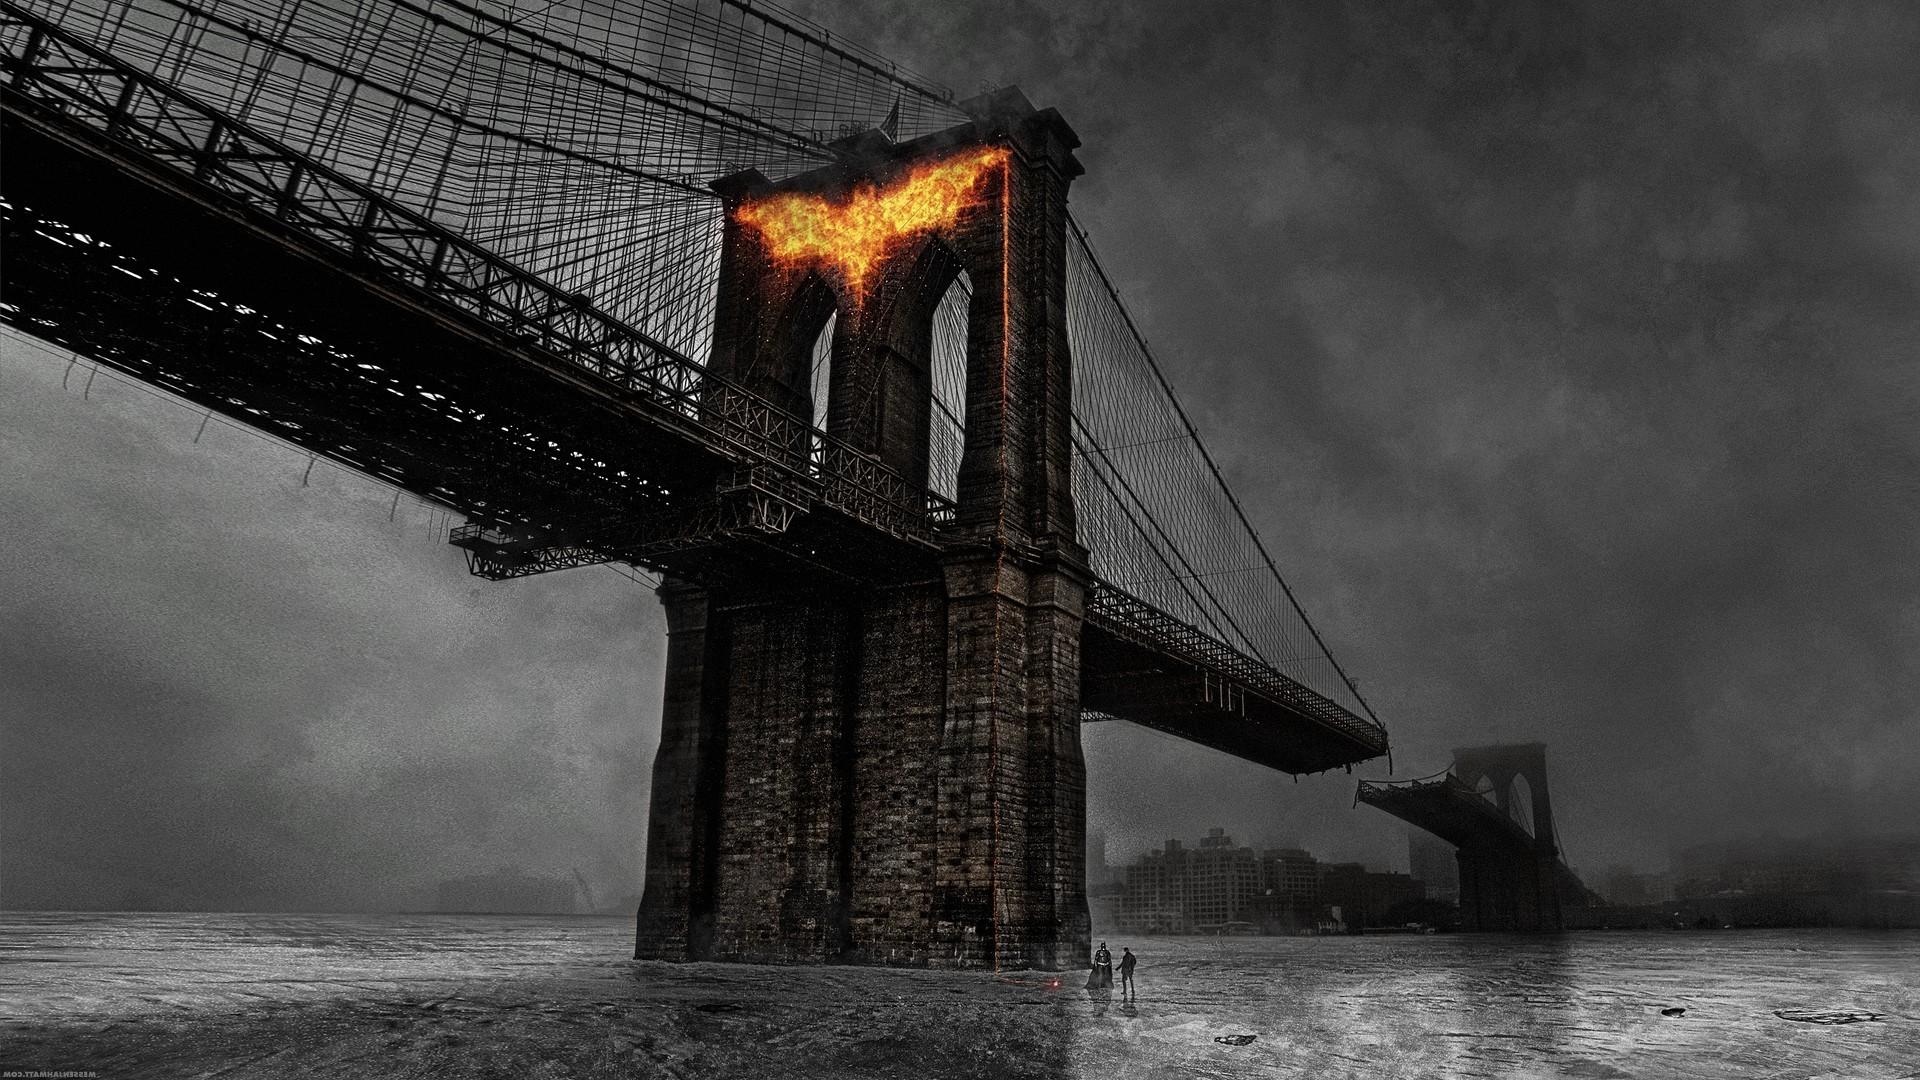 Wallpaper 1920x1080 Px Batman Messenjahmatt Movies The